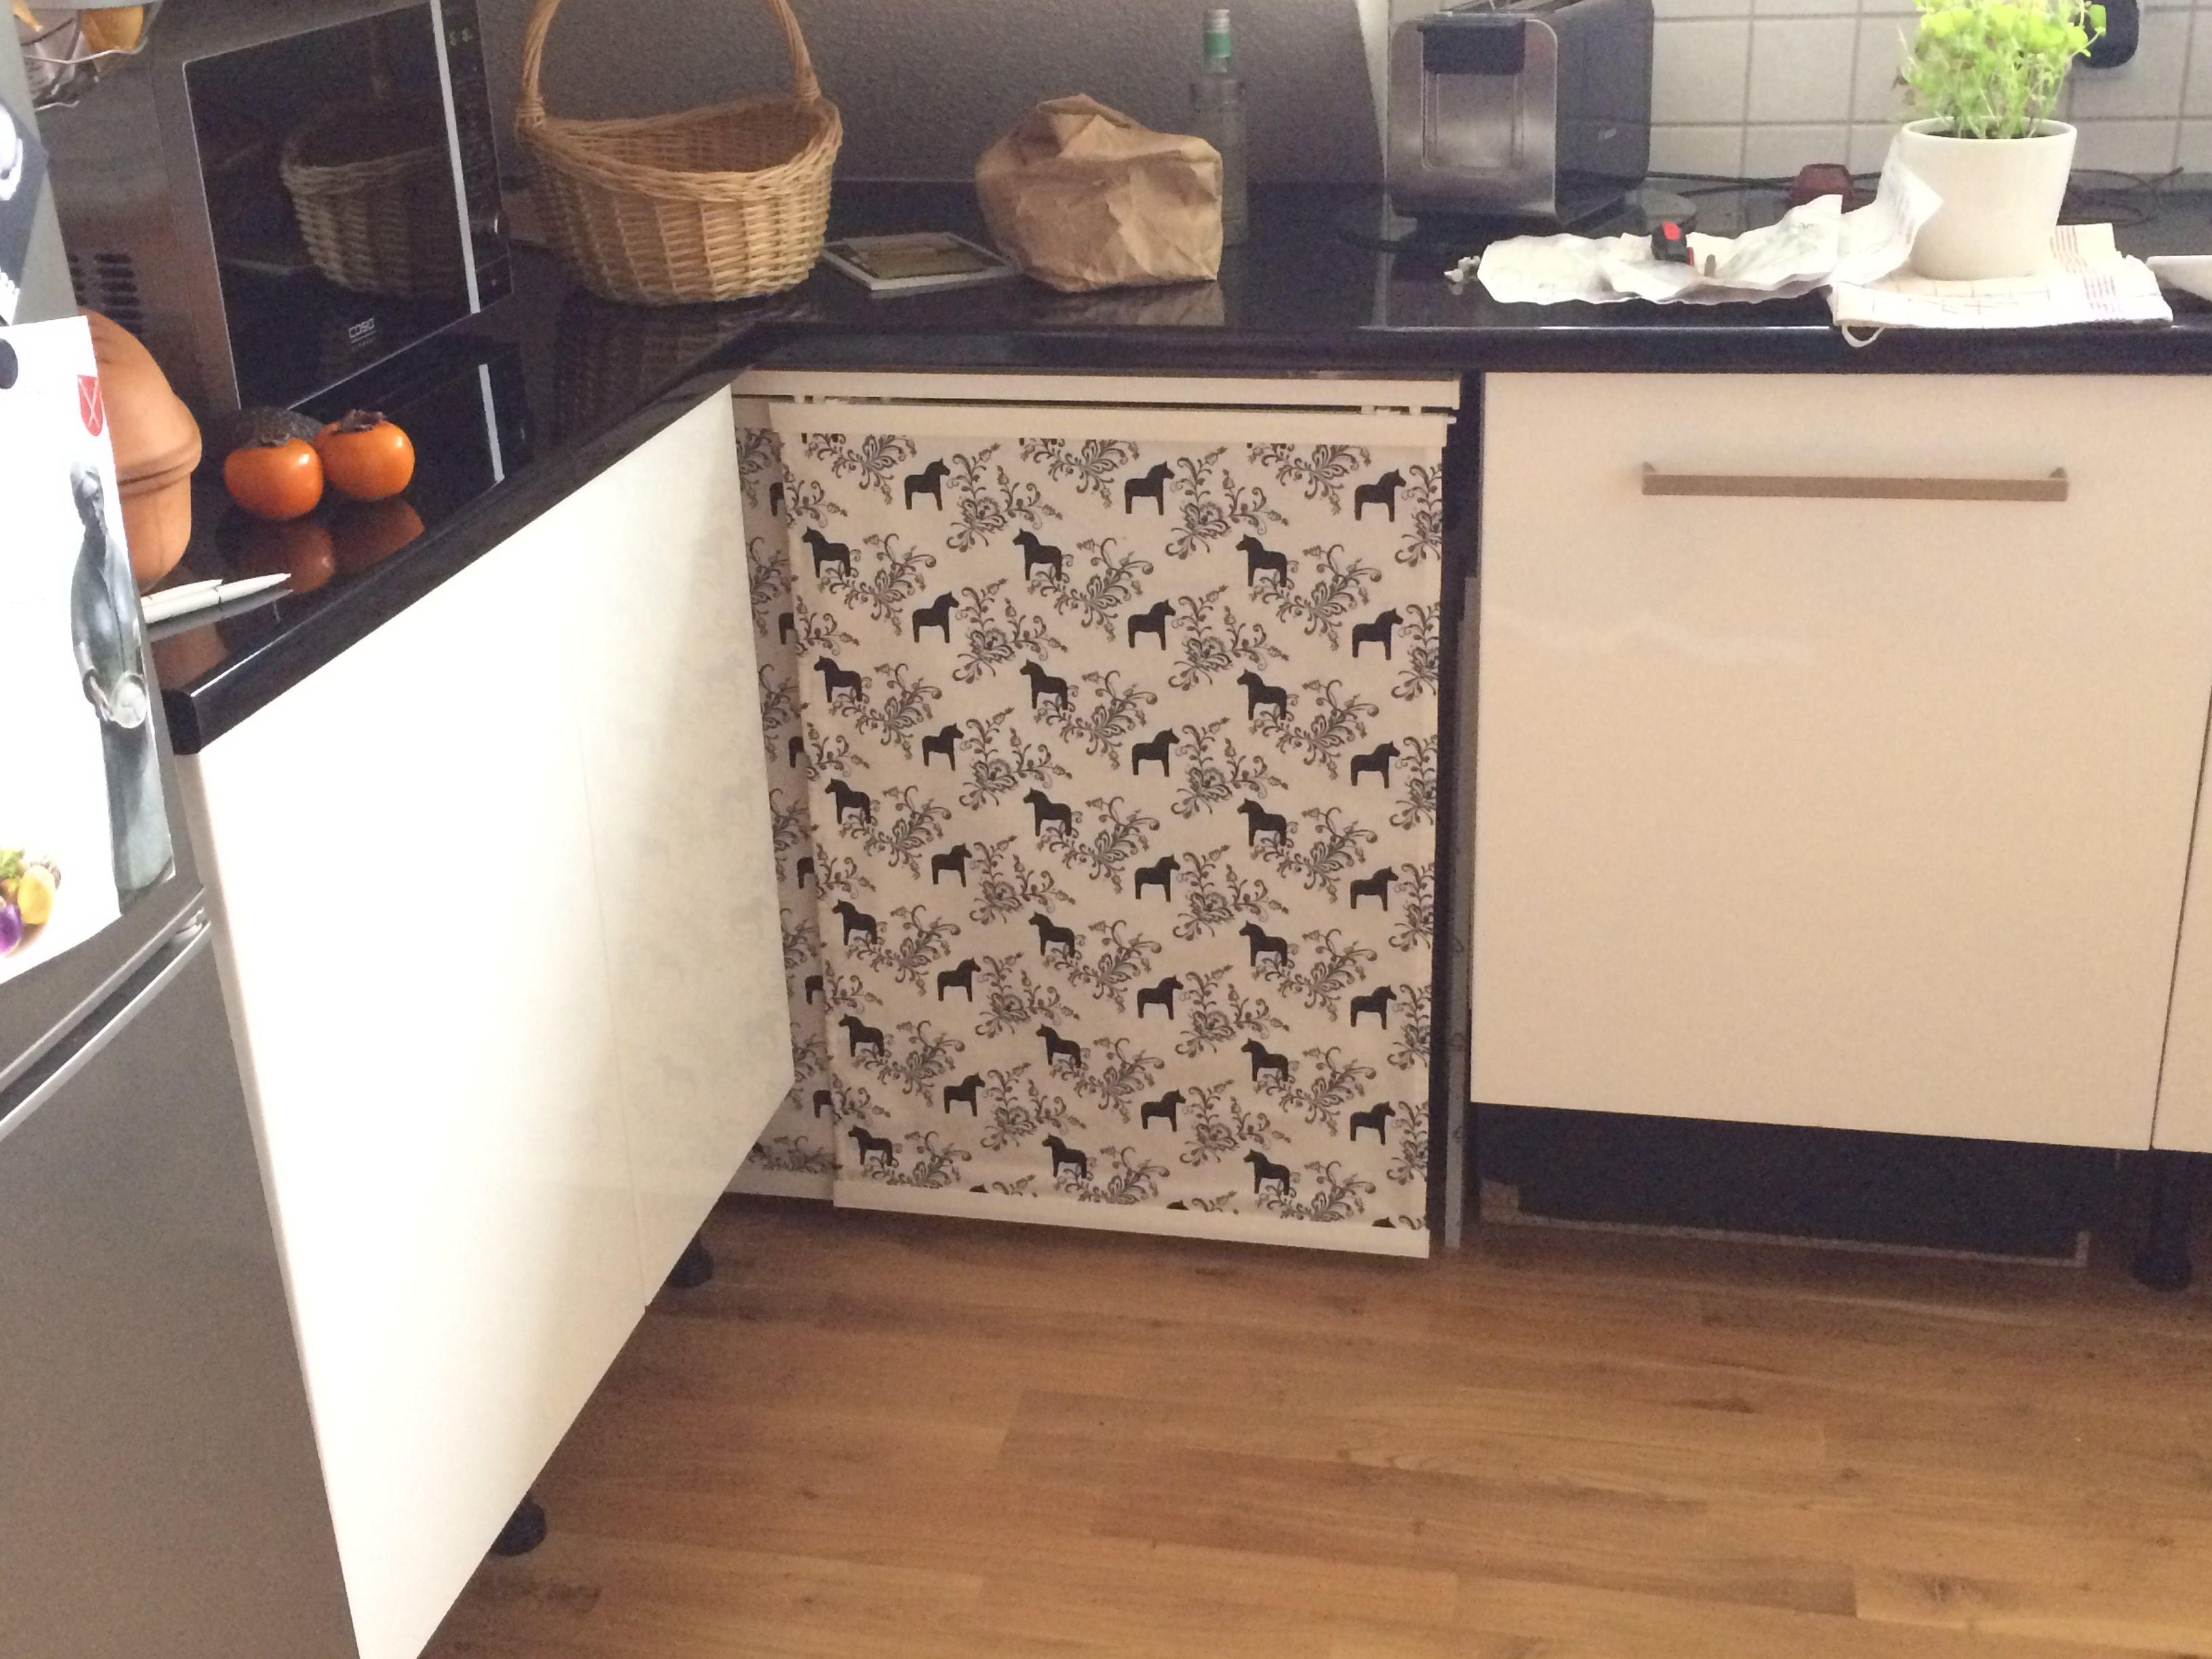 Gardine Unter Arbeitsplatte Um Mulleimer Zu Verstecken Mulleimer Kuche Arbeitsplatte Kuche Renovieren